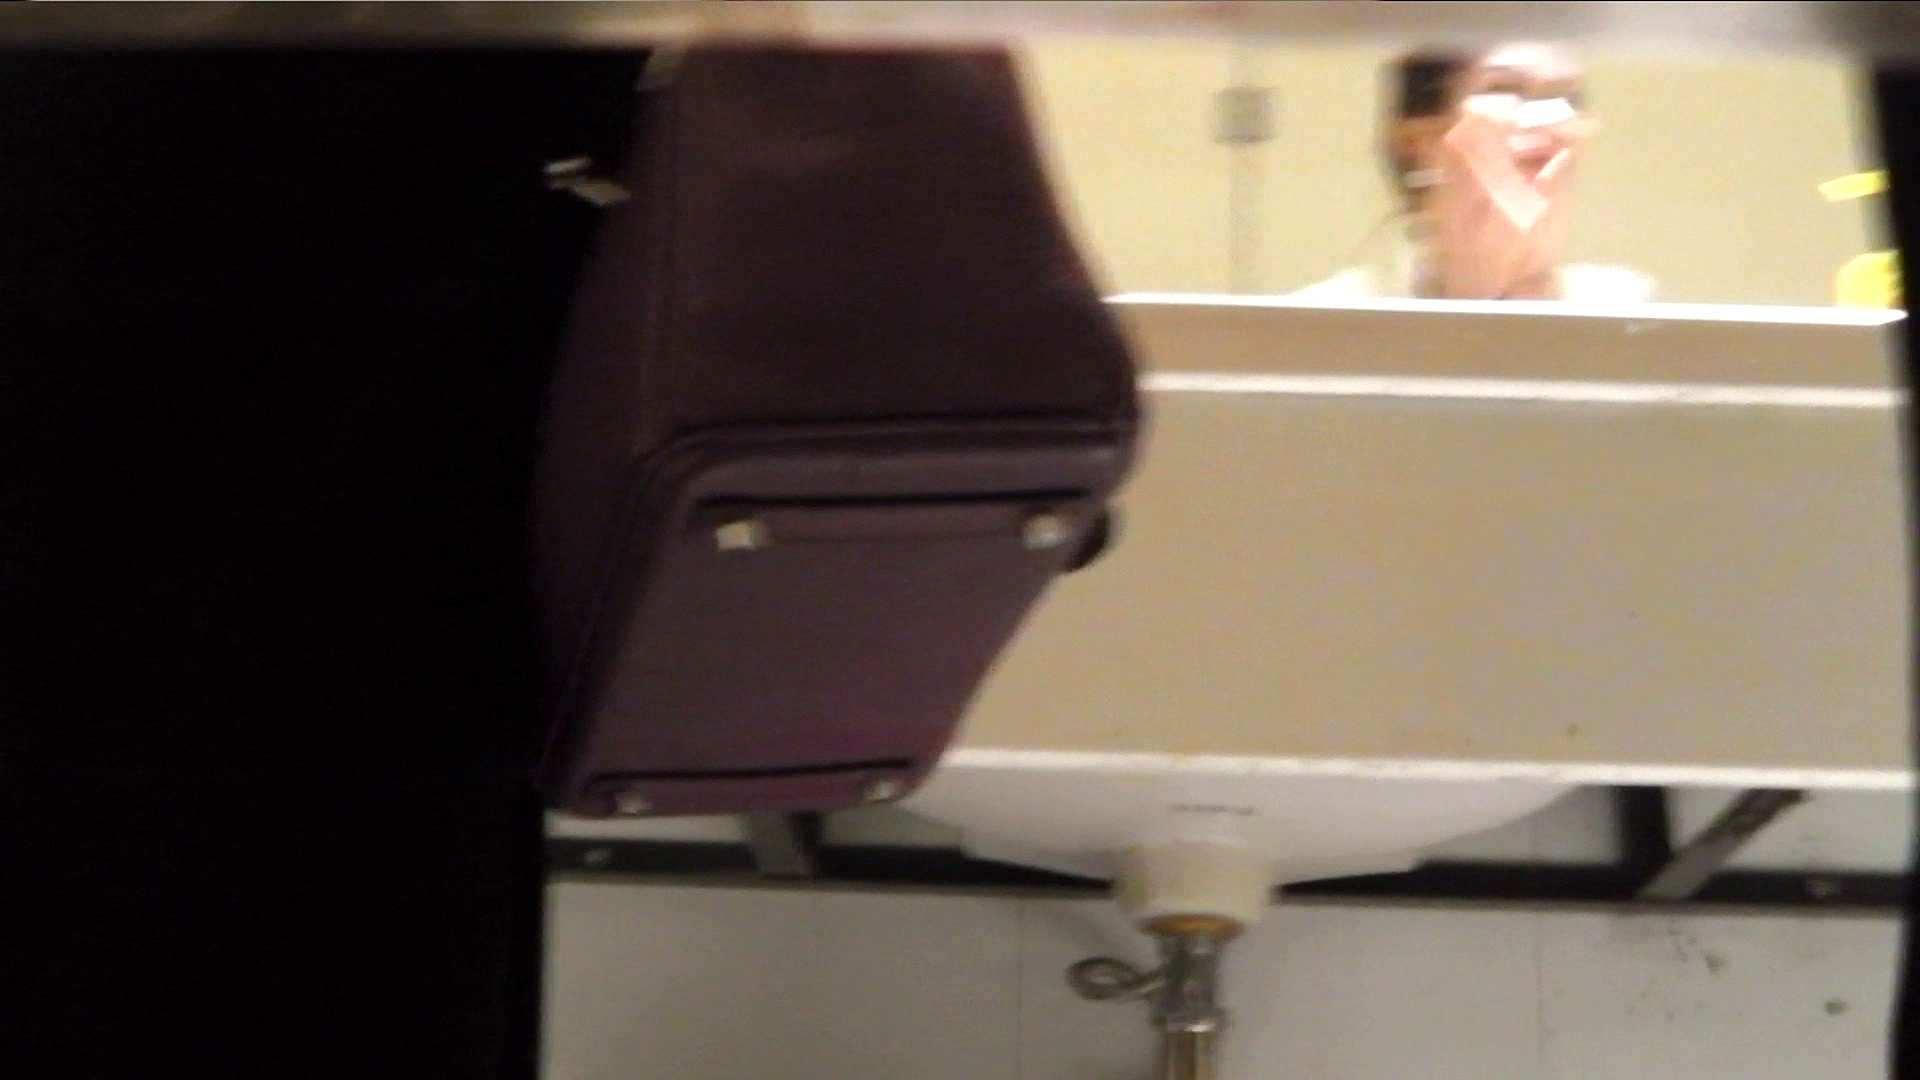 洗寿観音さんの 化粧室は四面楚歌Nol.4 洗面所 | エッチすぎるOL達  55連発 7